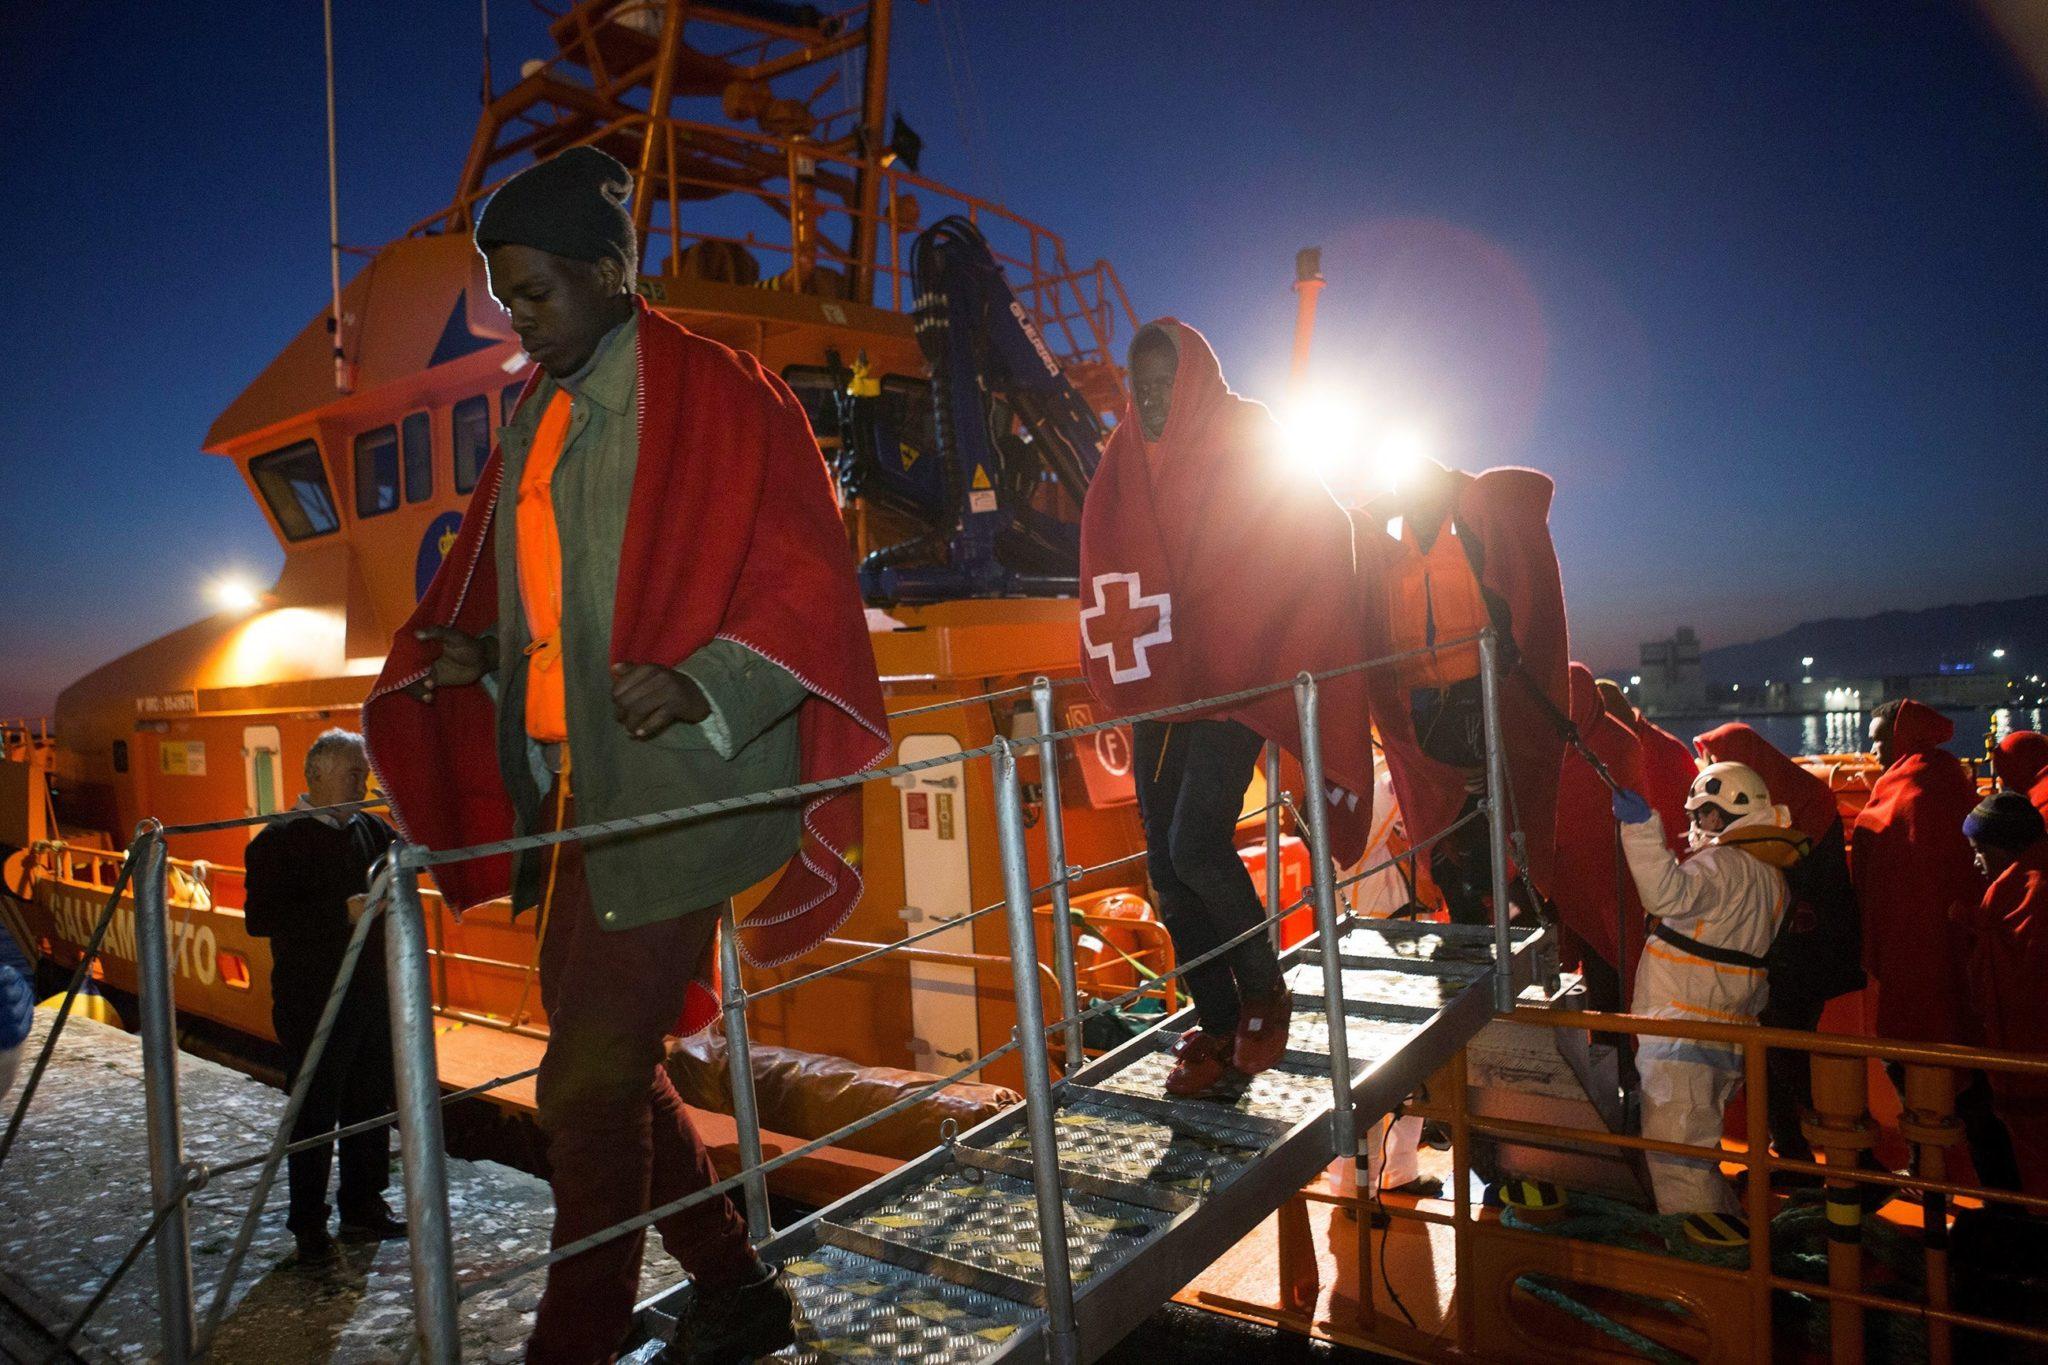 Część z 34 uratowanych imigrantów przybyła do portu Motril w Granadzie, południowa Hiszpania, morskie służby ratownicze uratowały migrantów podróżujących statkiem od wybrzeża Maroka, fot: Miguel Paquet, PAP/EPA